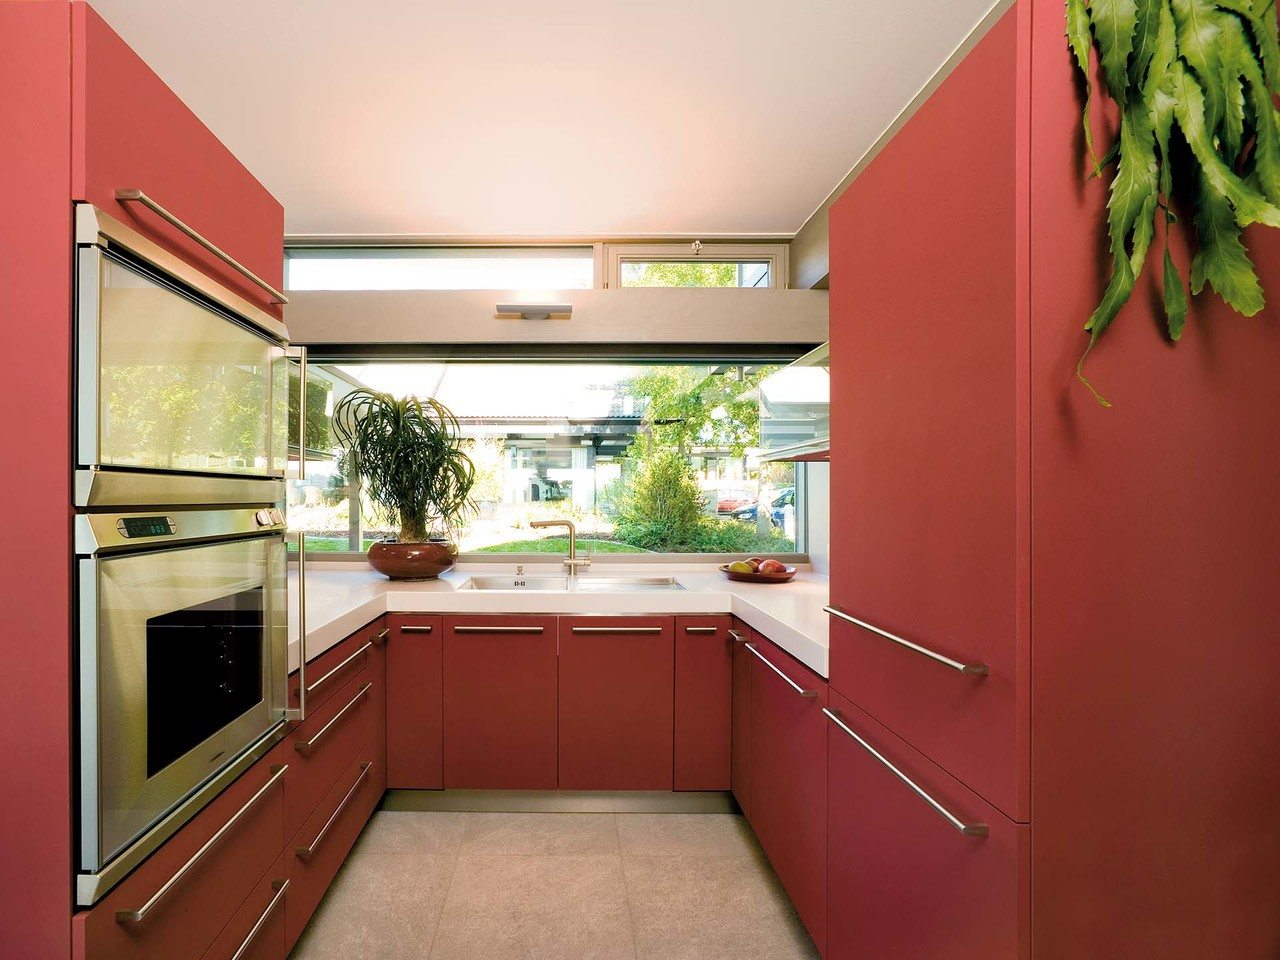 Musterhaus HUF Haus ART 3 - Küche 2